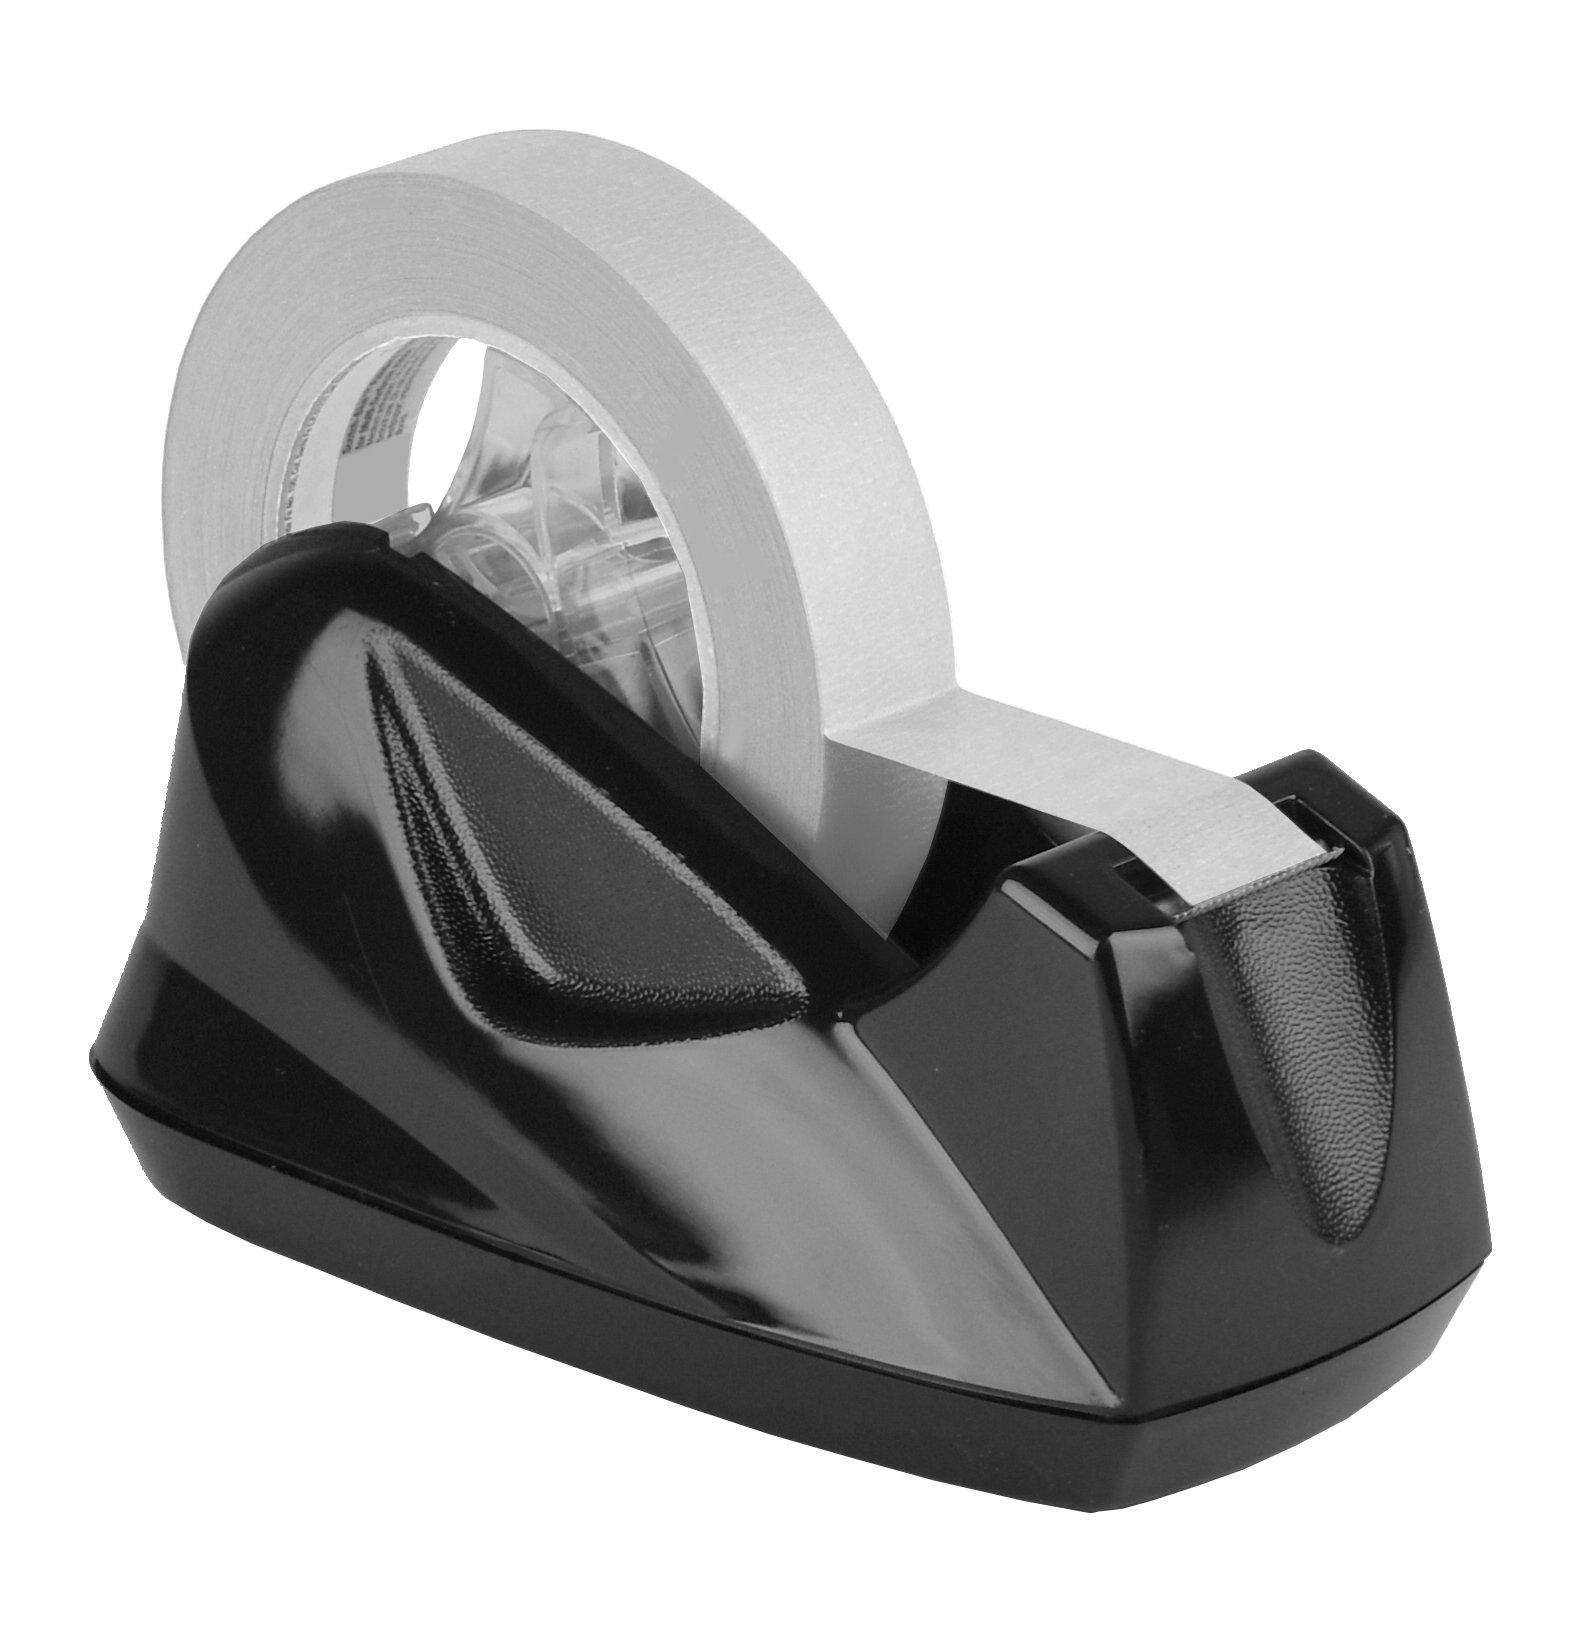 Acrimet Premium Tape Dispenser Jumbo (Black Color)